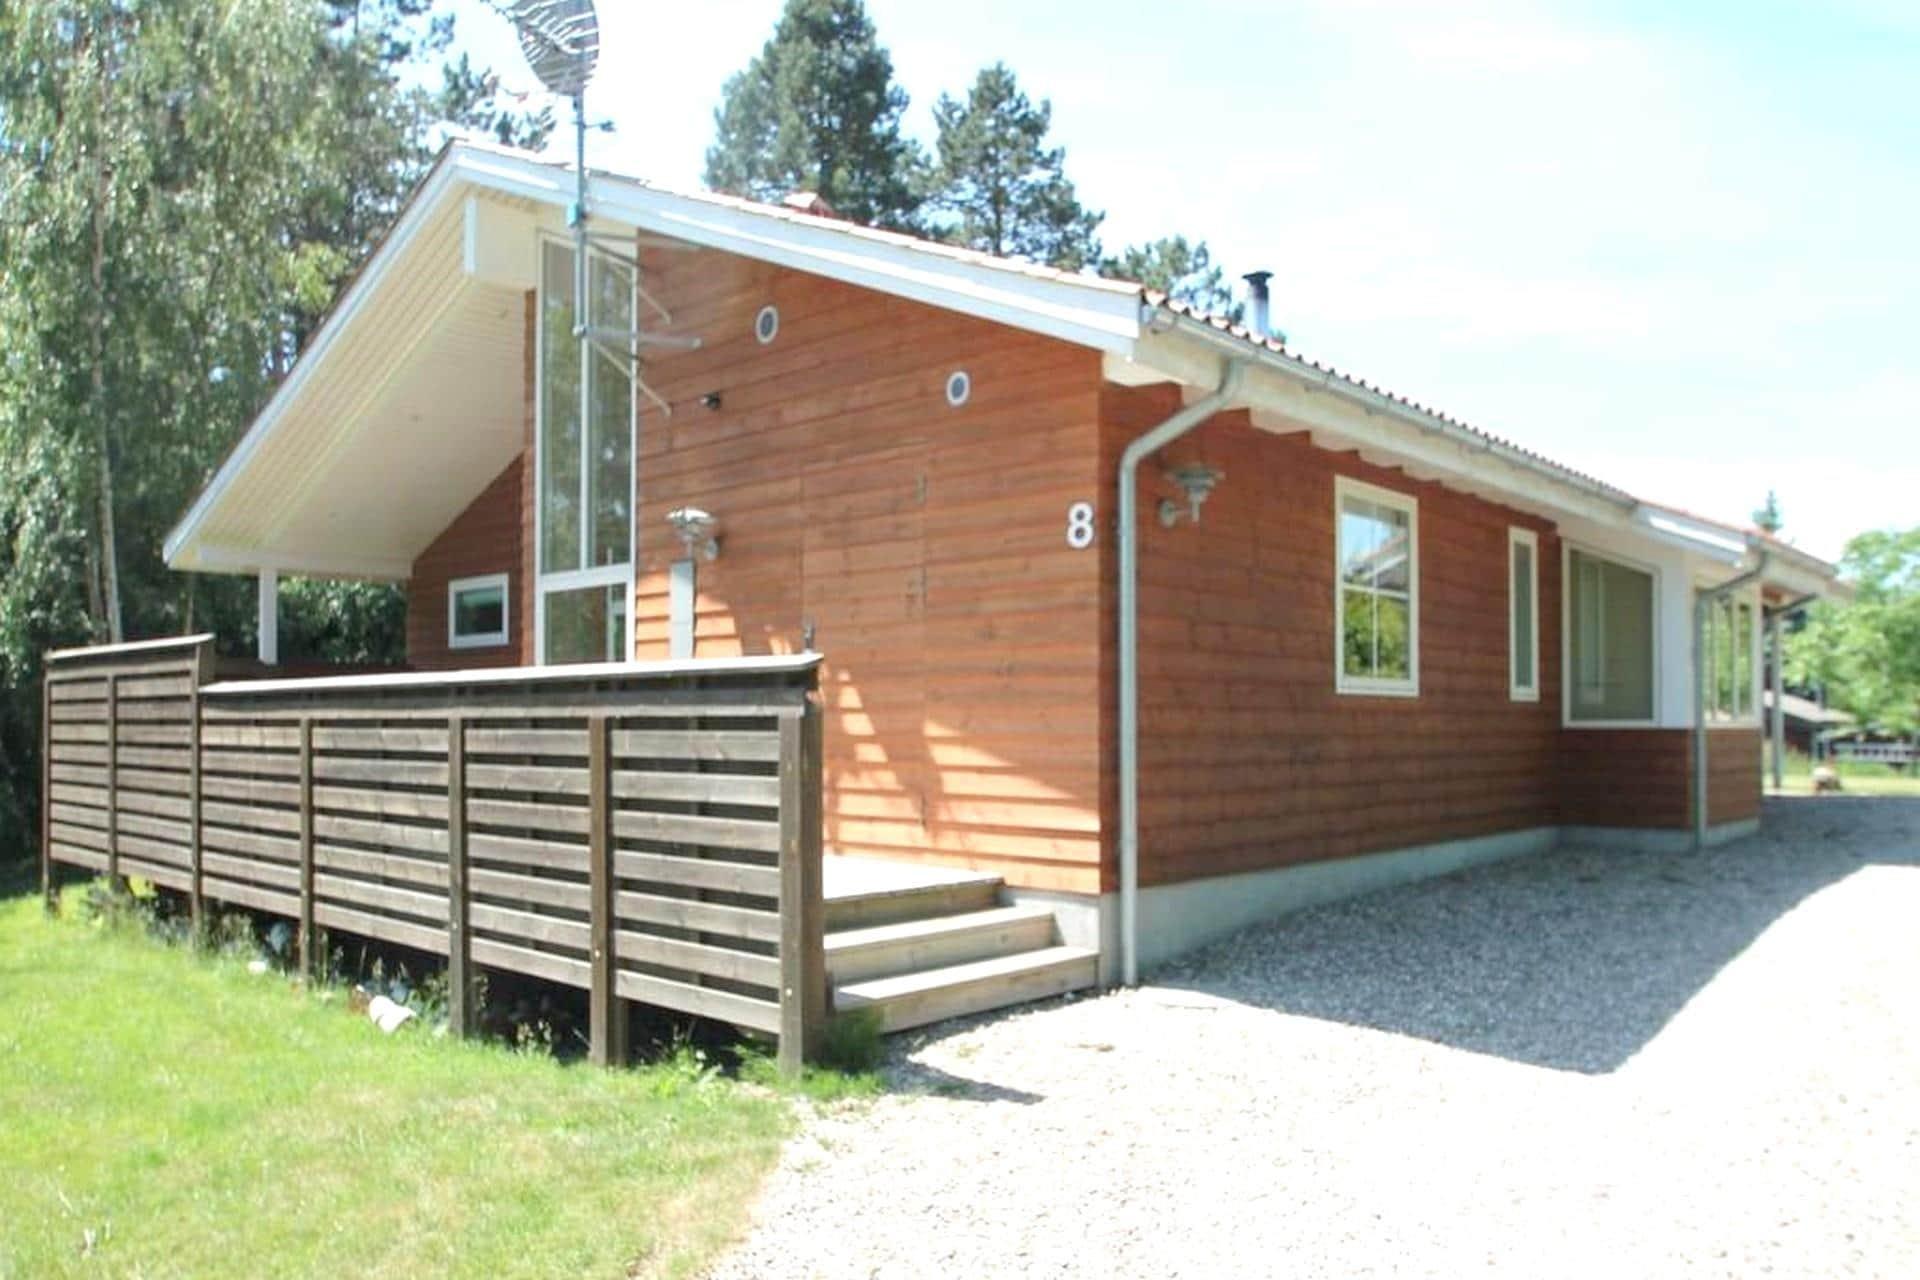 Bilde 1-26 Feirehus K19031, Hesseløvej 8, DK - 4400 Kalundborg